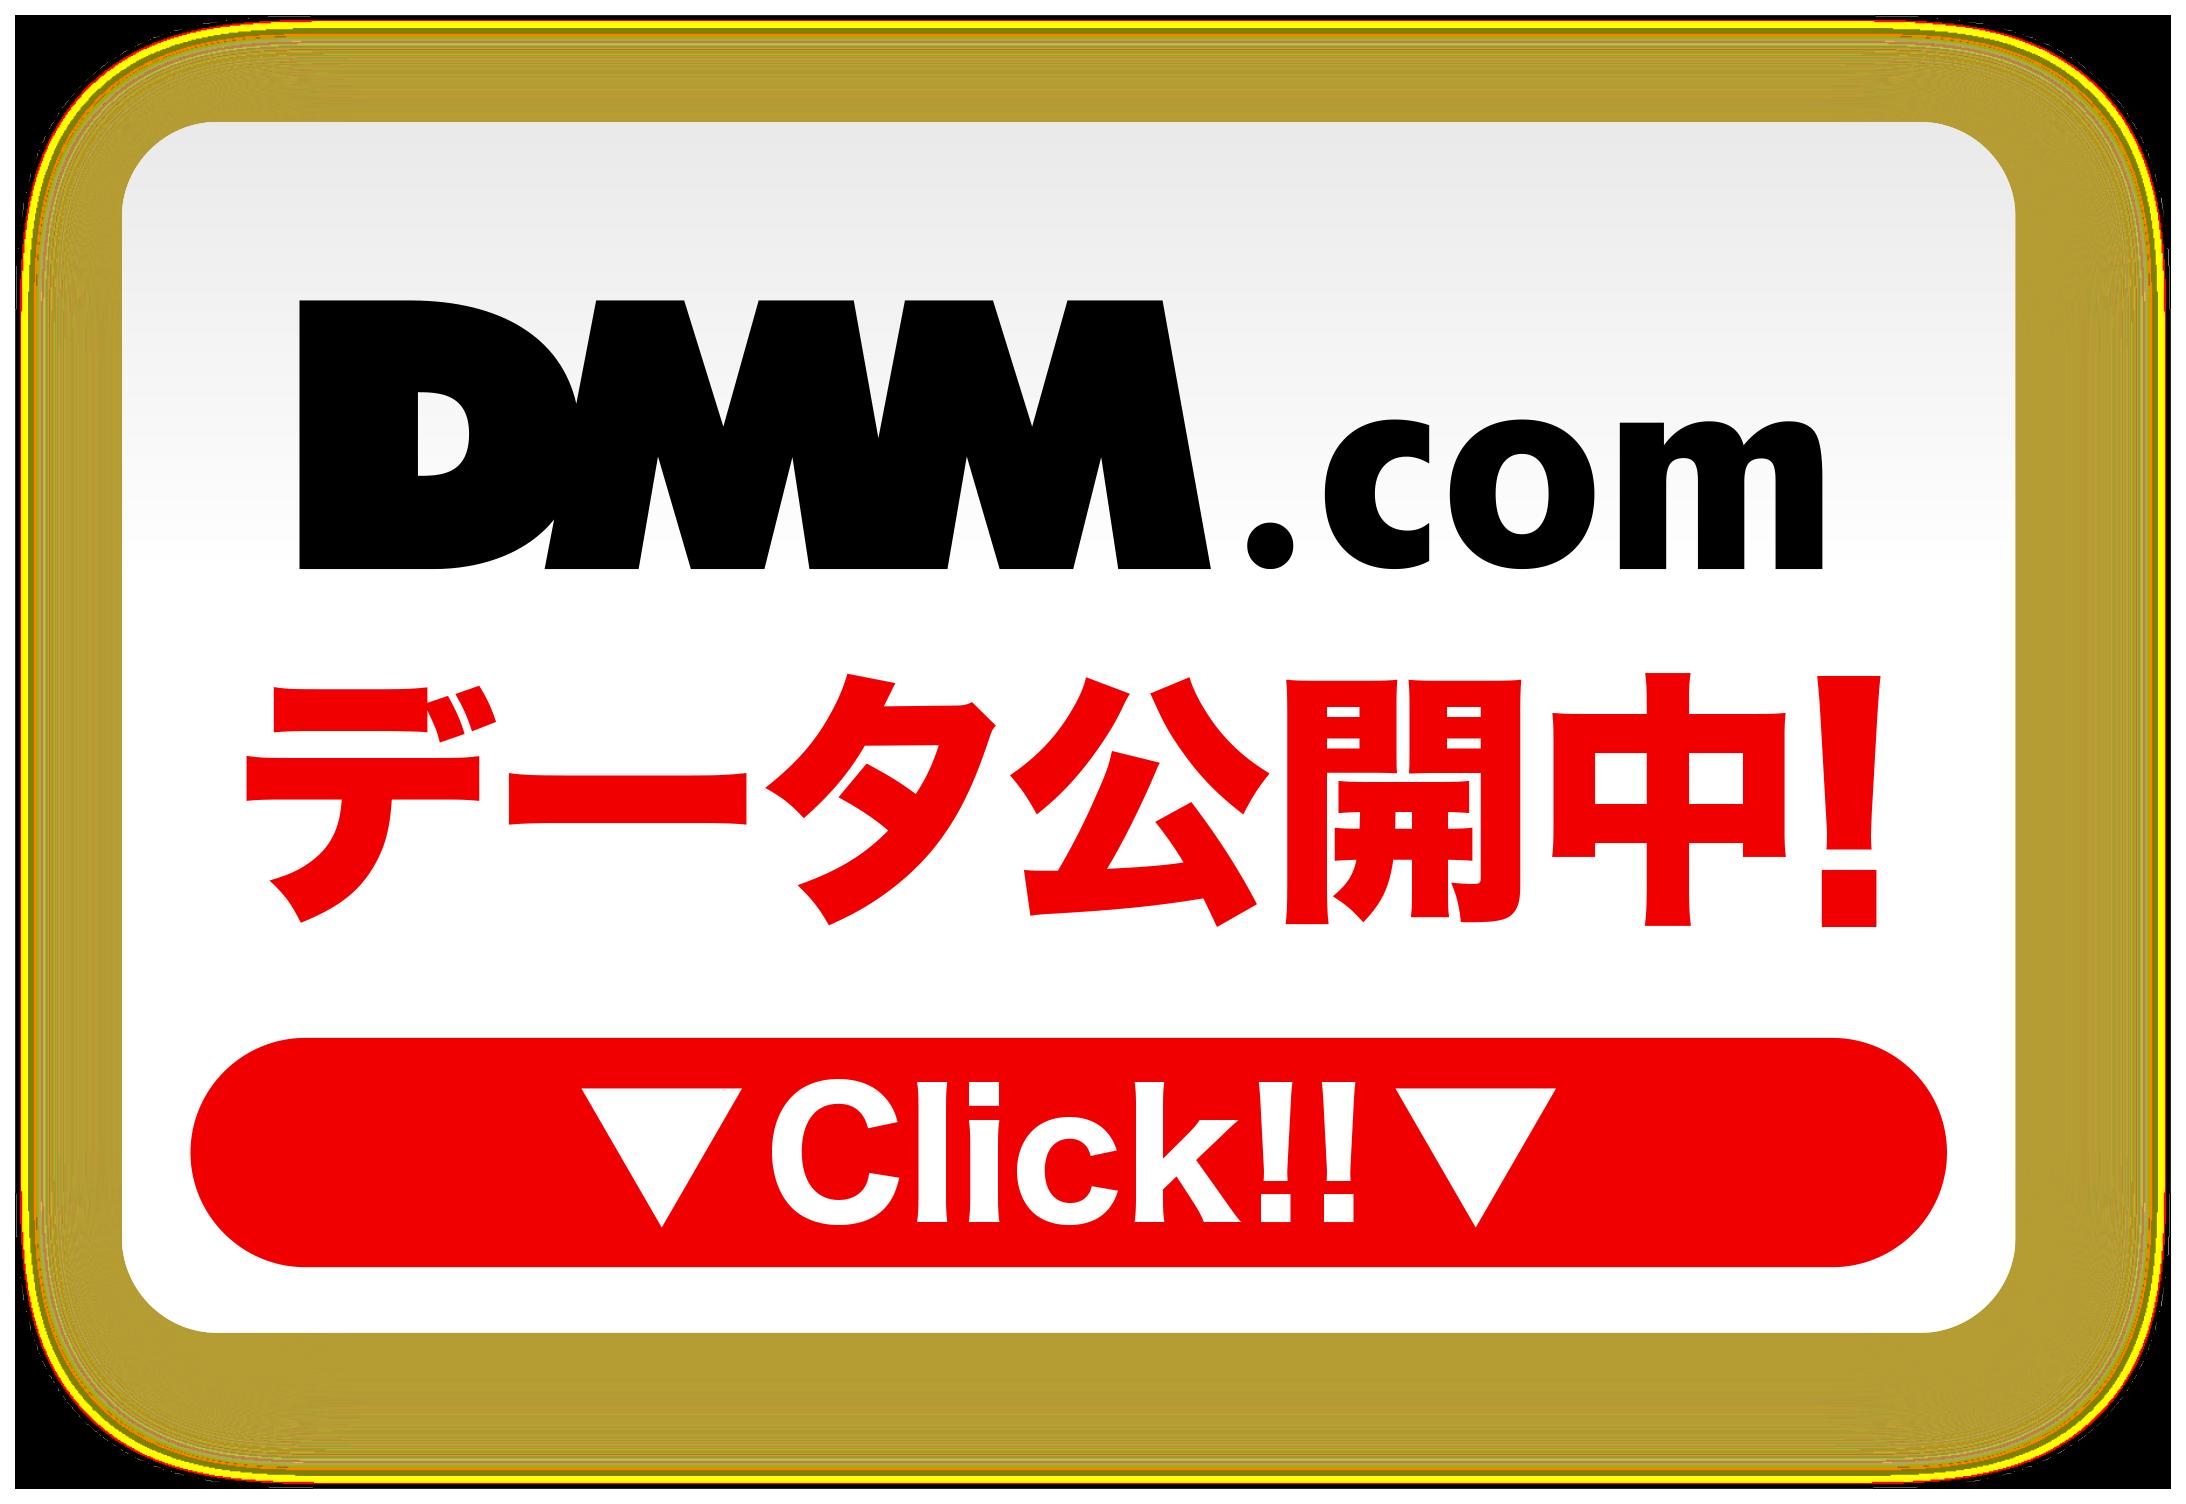 DMM.comにてデータ公開中!詳しくはこちら